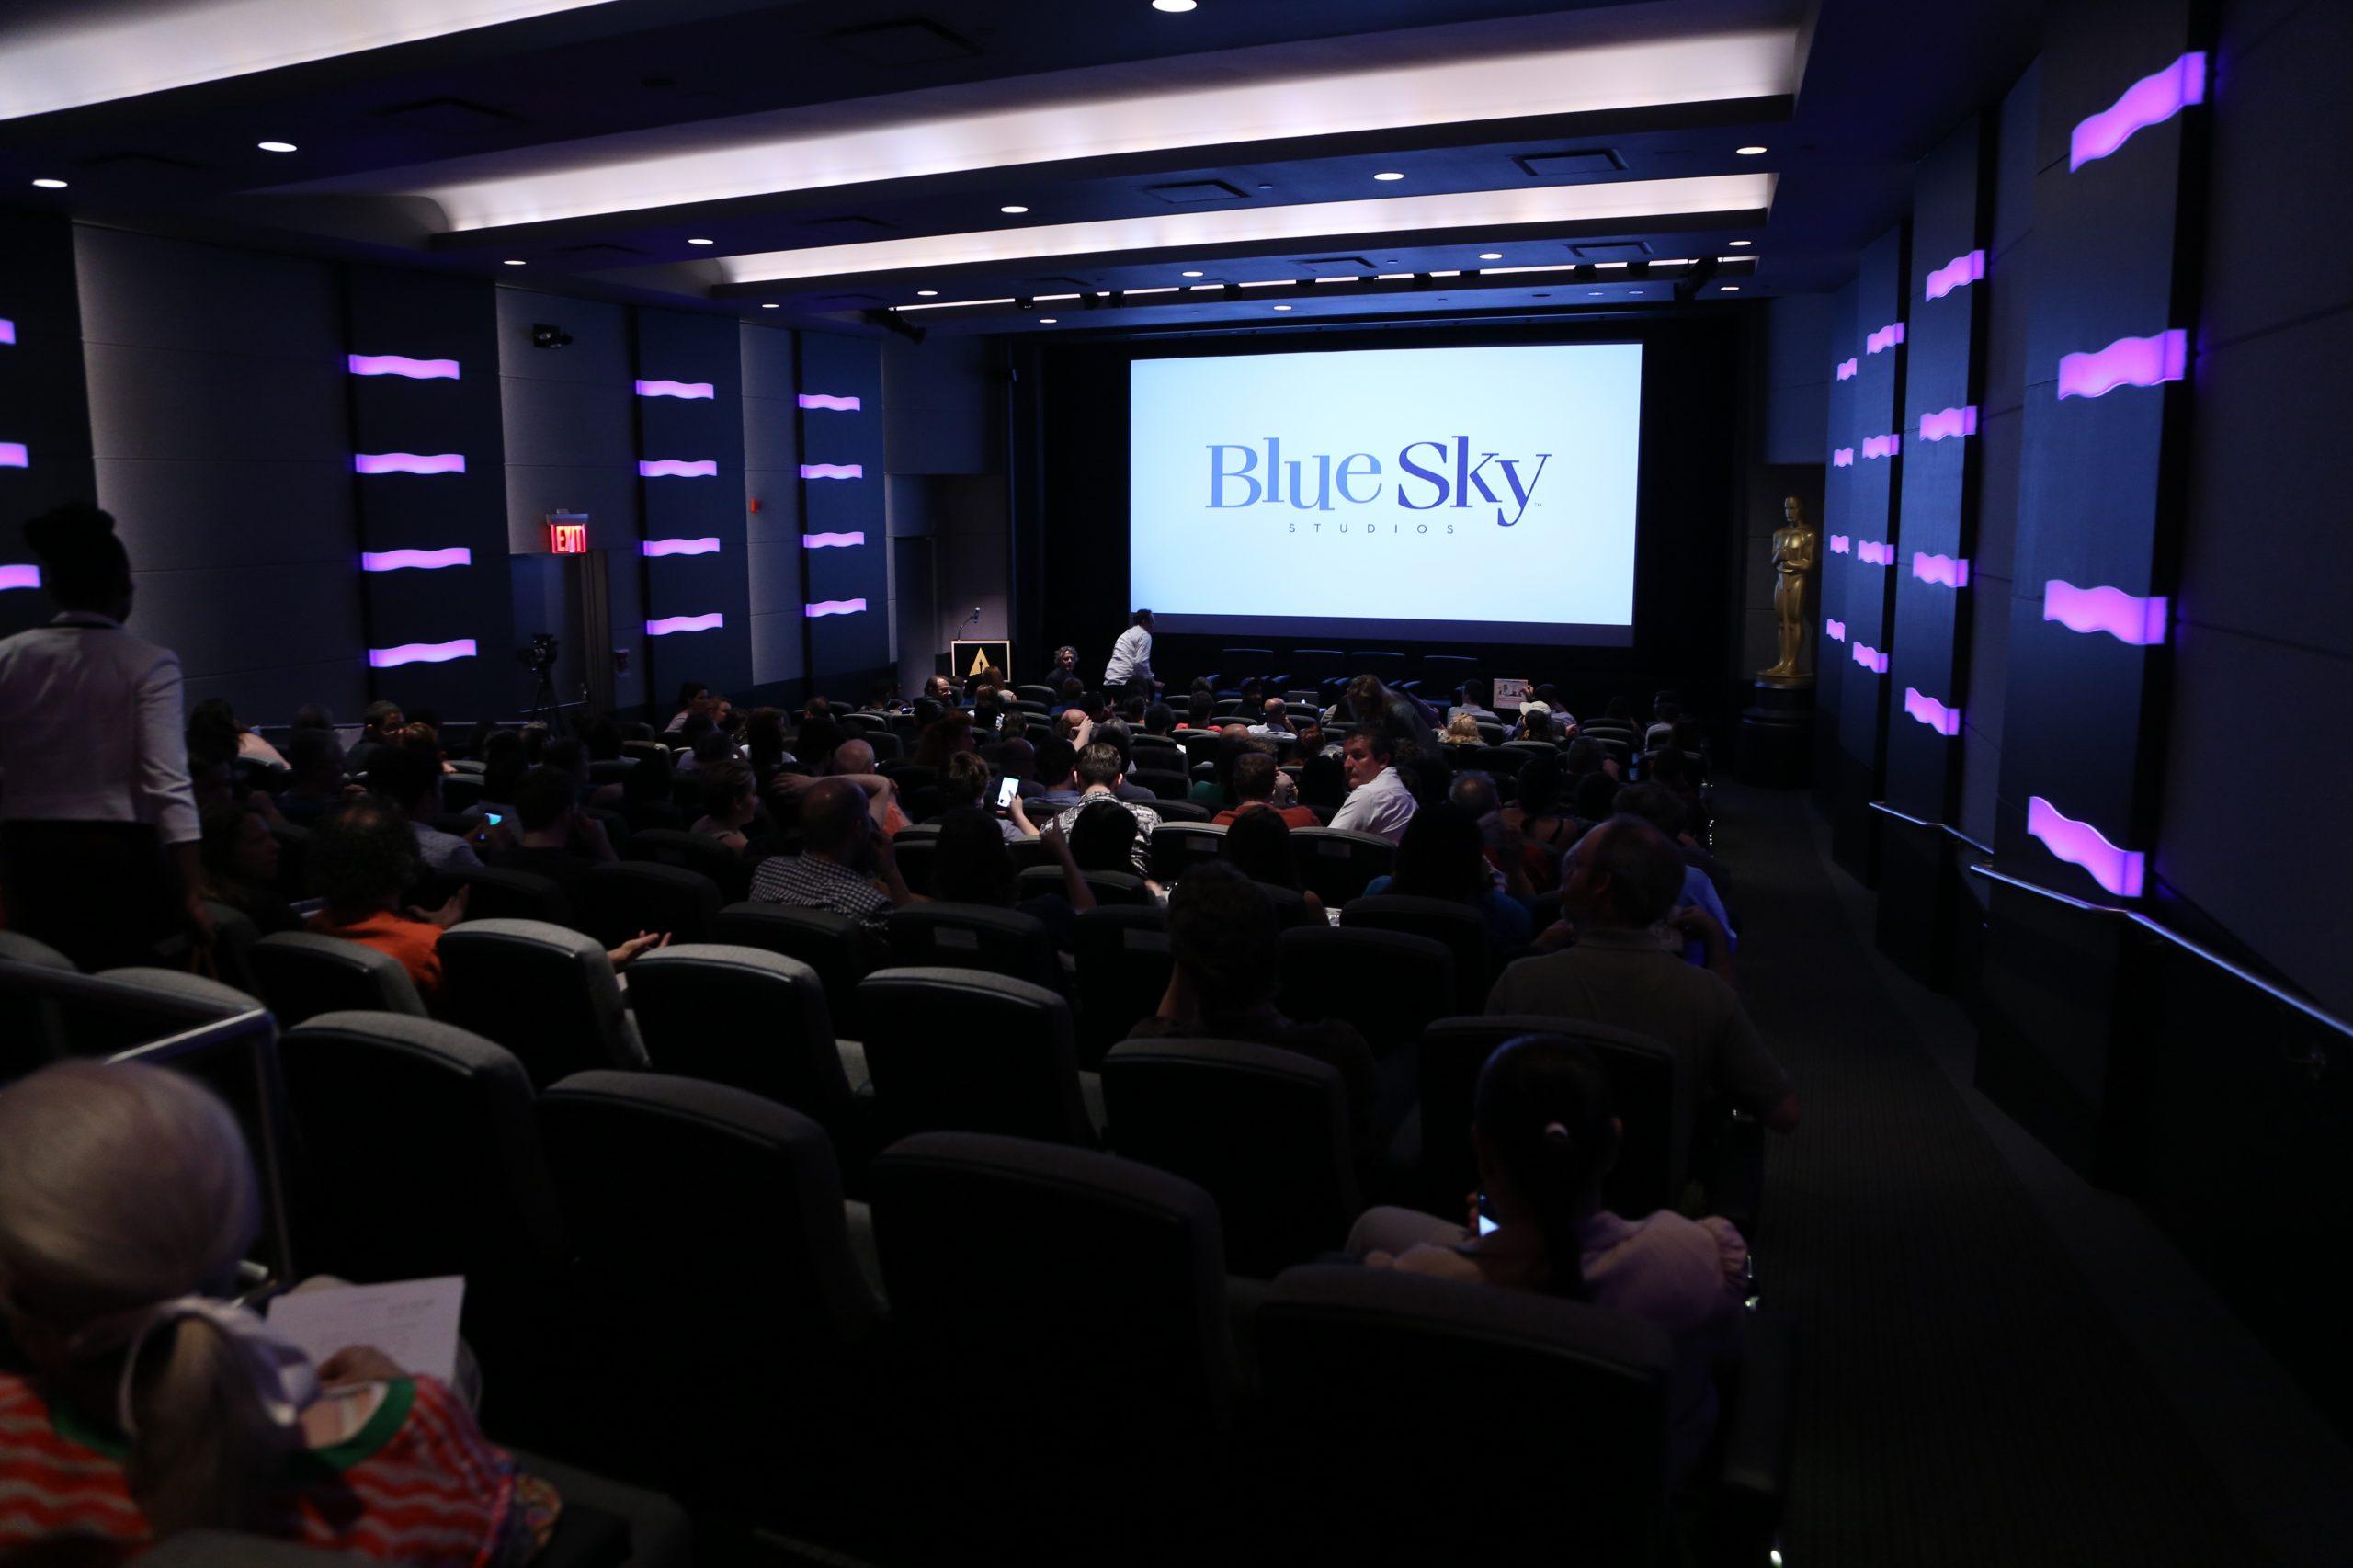 Disney cerrará definitivamente Blue Sky, el estudio que creó 'La Era del Hielo'